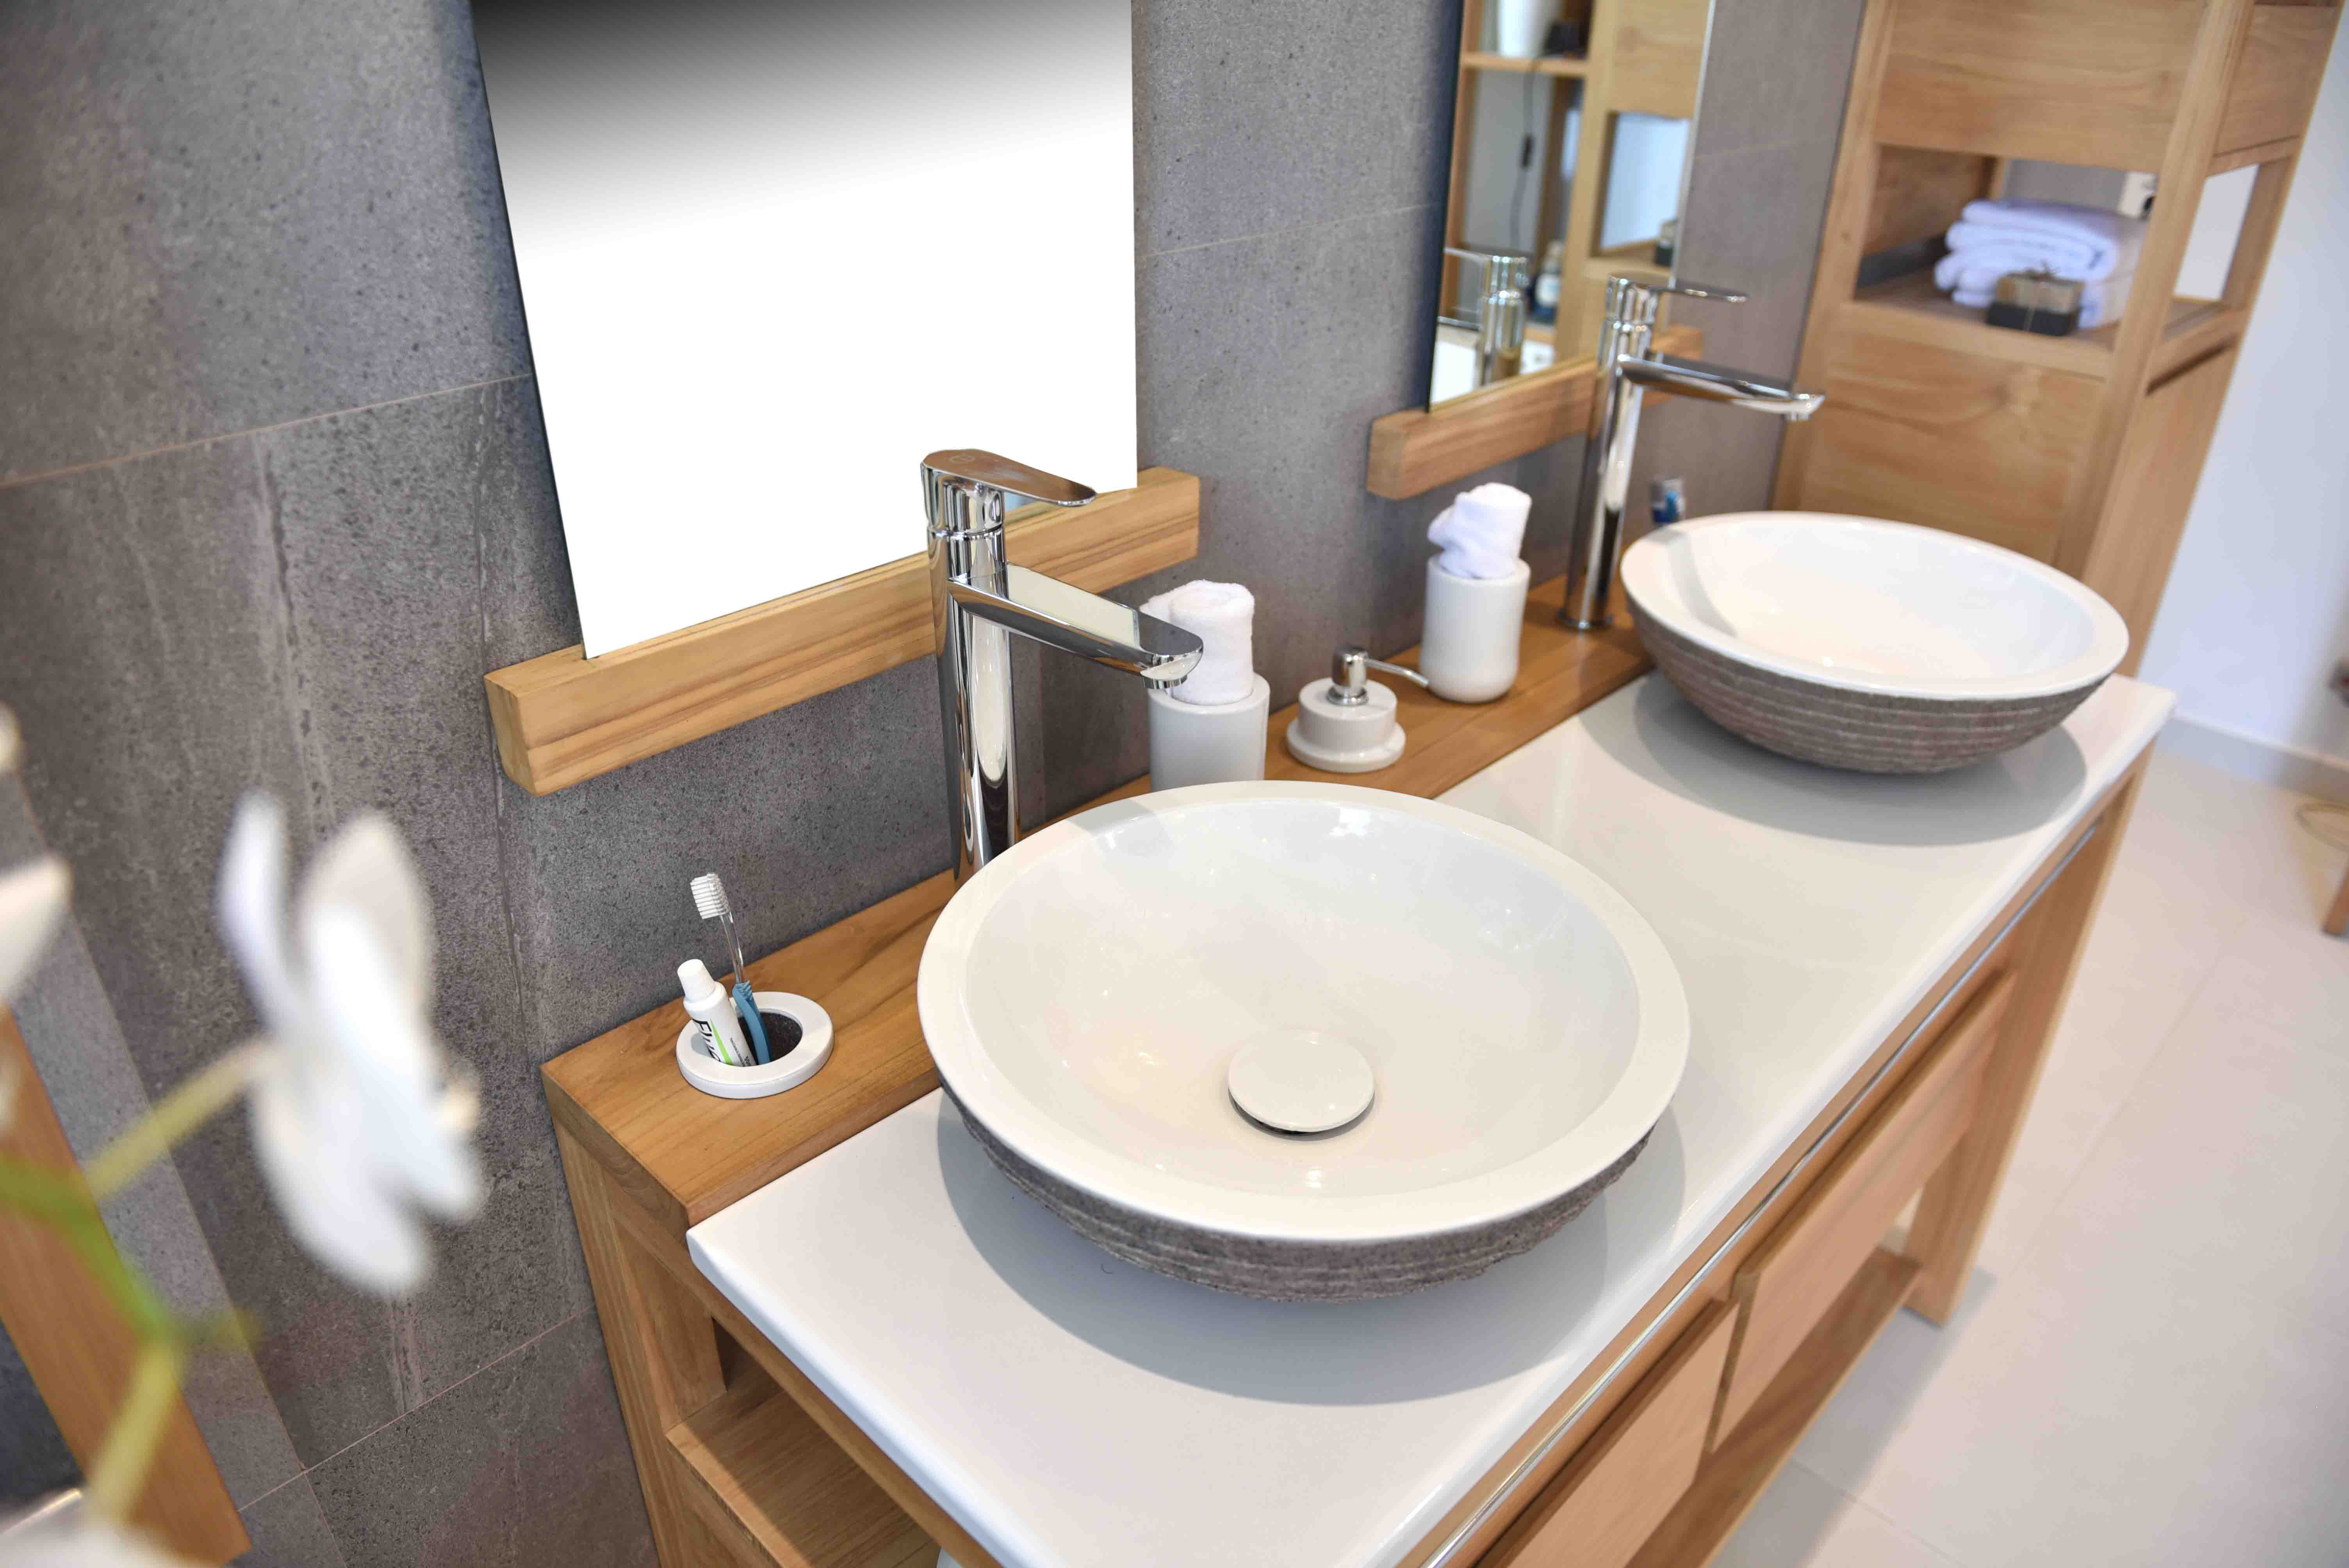 Set-blanc-double-sink-suoh-130-mirrors-furniture-bois-teak-nature-couleur-lave-volcan-émaille-céramique-France-Luxe